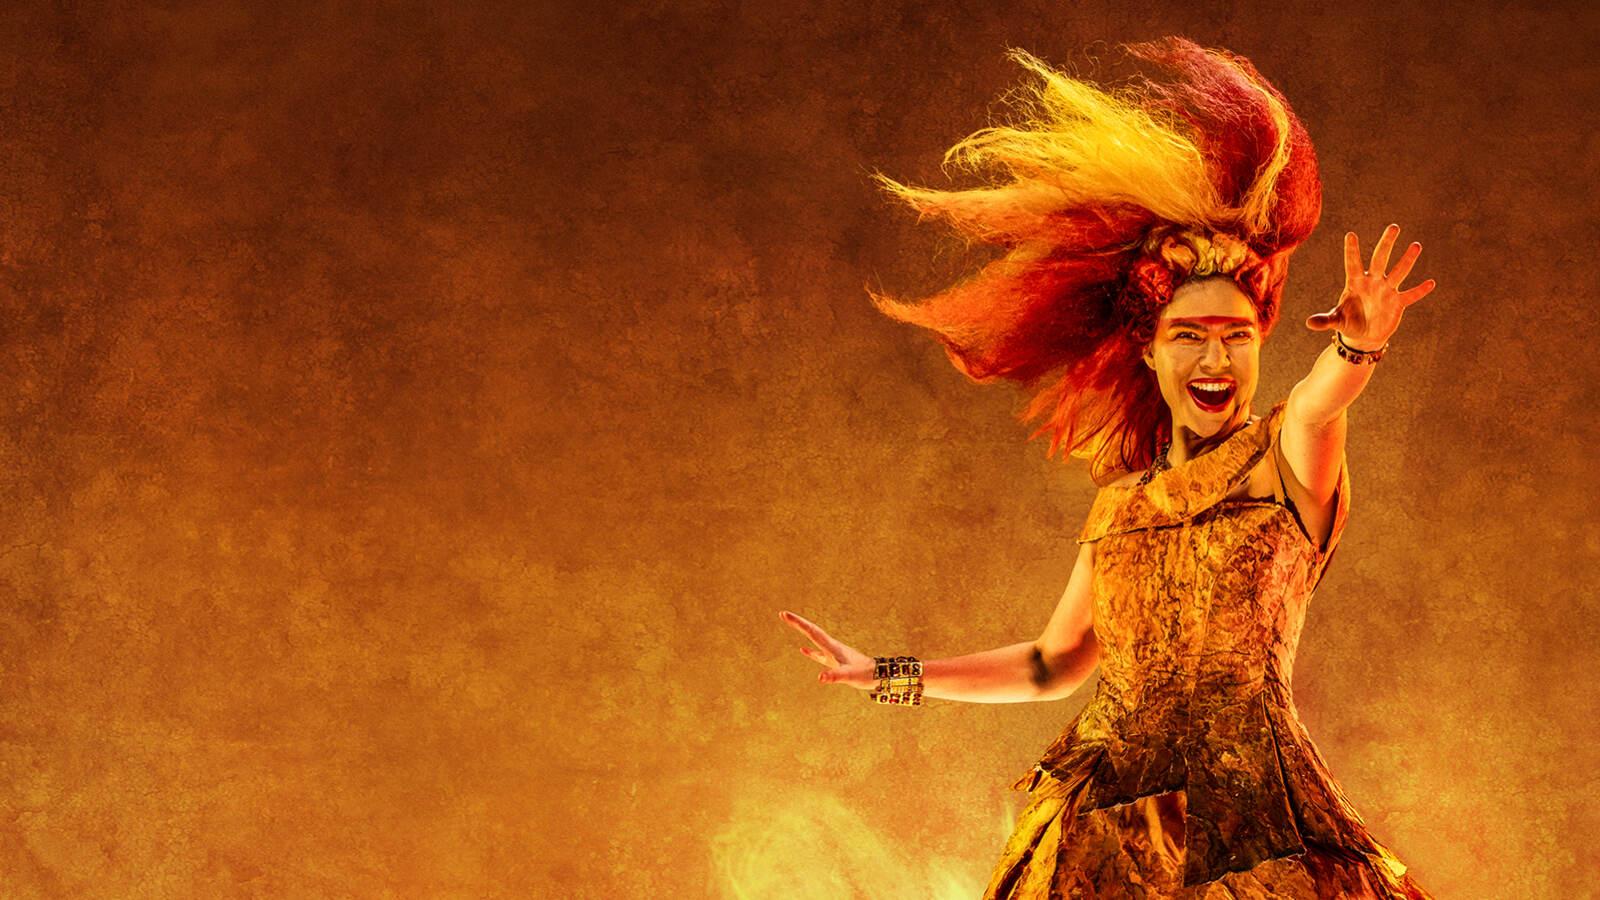 En sångsolist står i en rödorange eld-liknande scenografi, sträcker handen ut mot betraktaren och sjunger